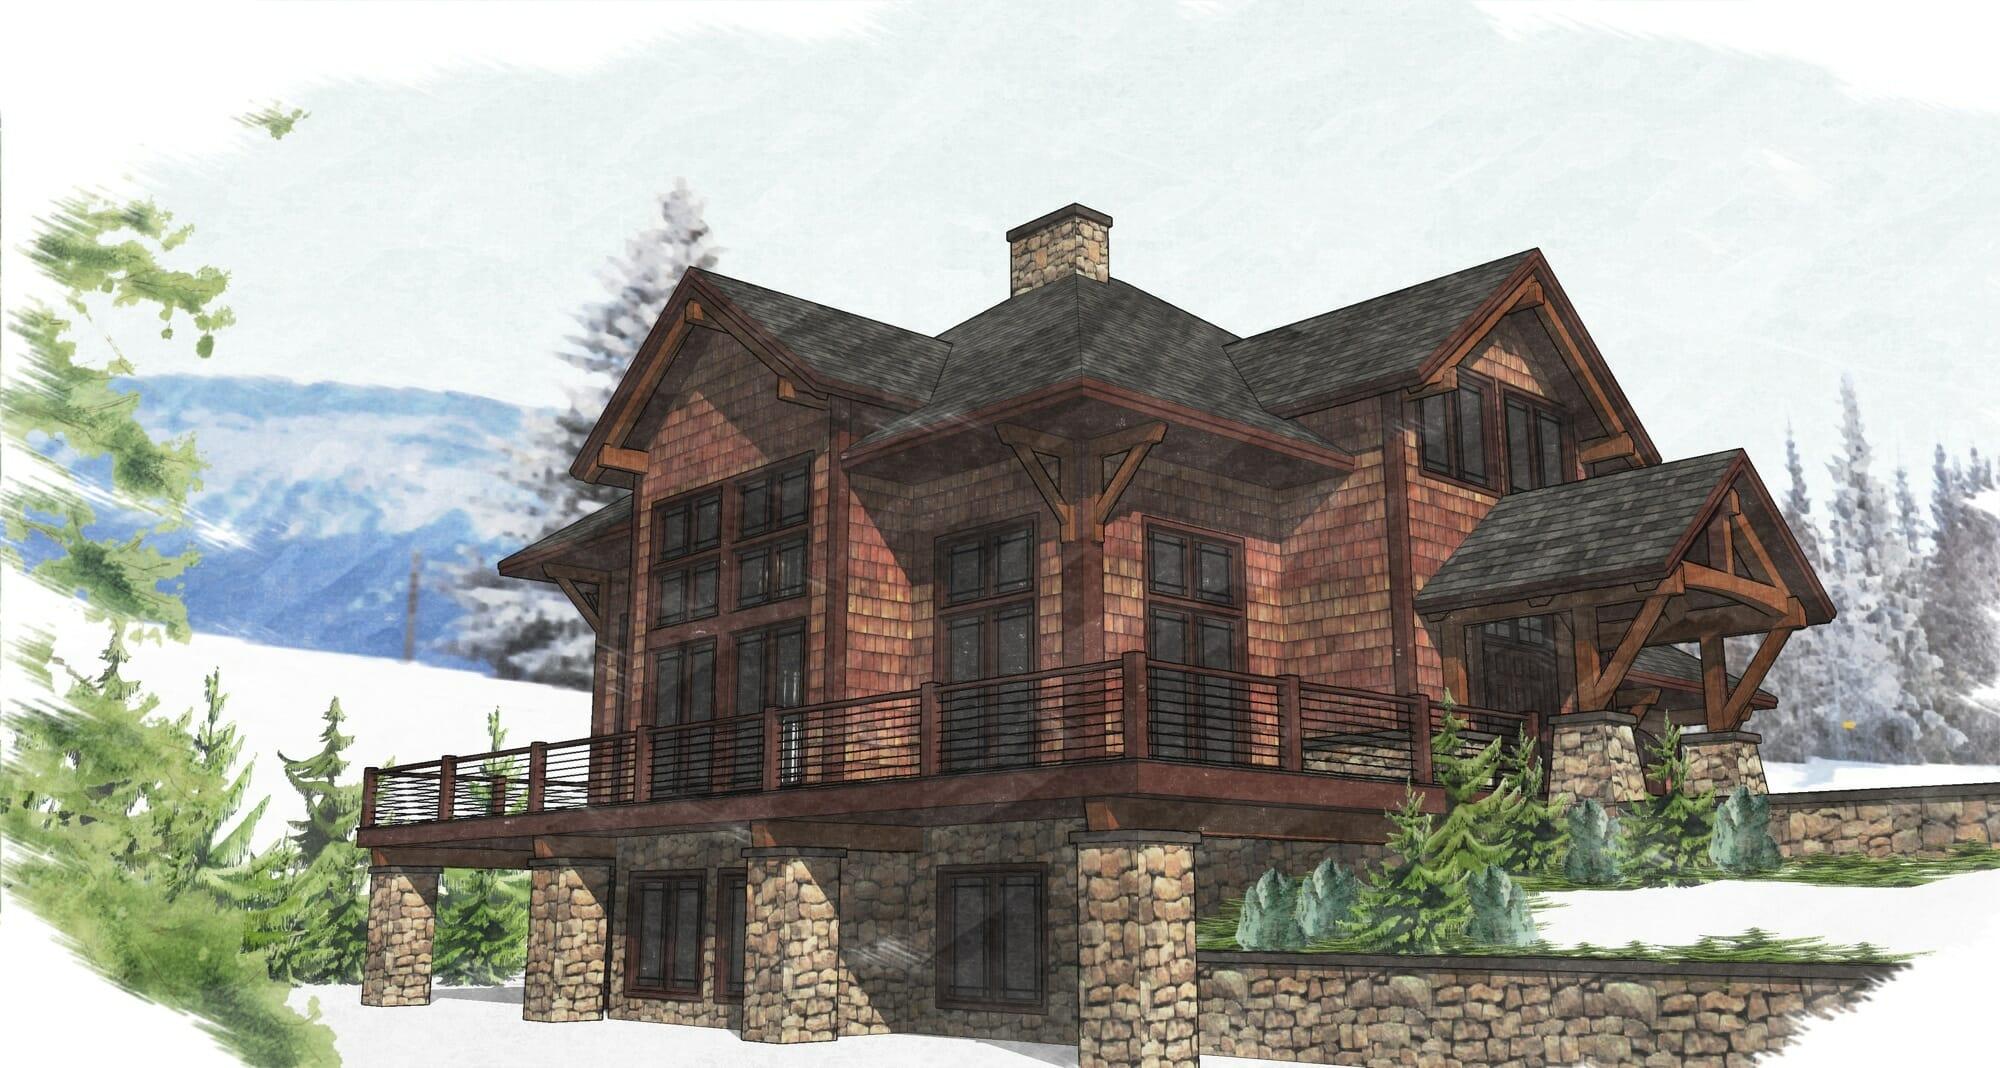 Bonin-Architects_Mountain_render-1 Vermont Timber Frame House Plans on vermont timber frame barn kits, vermont timber frame home, vermont timber frame garage,